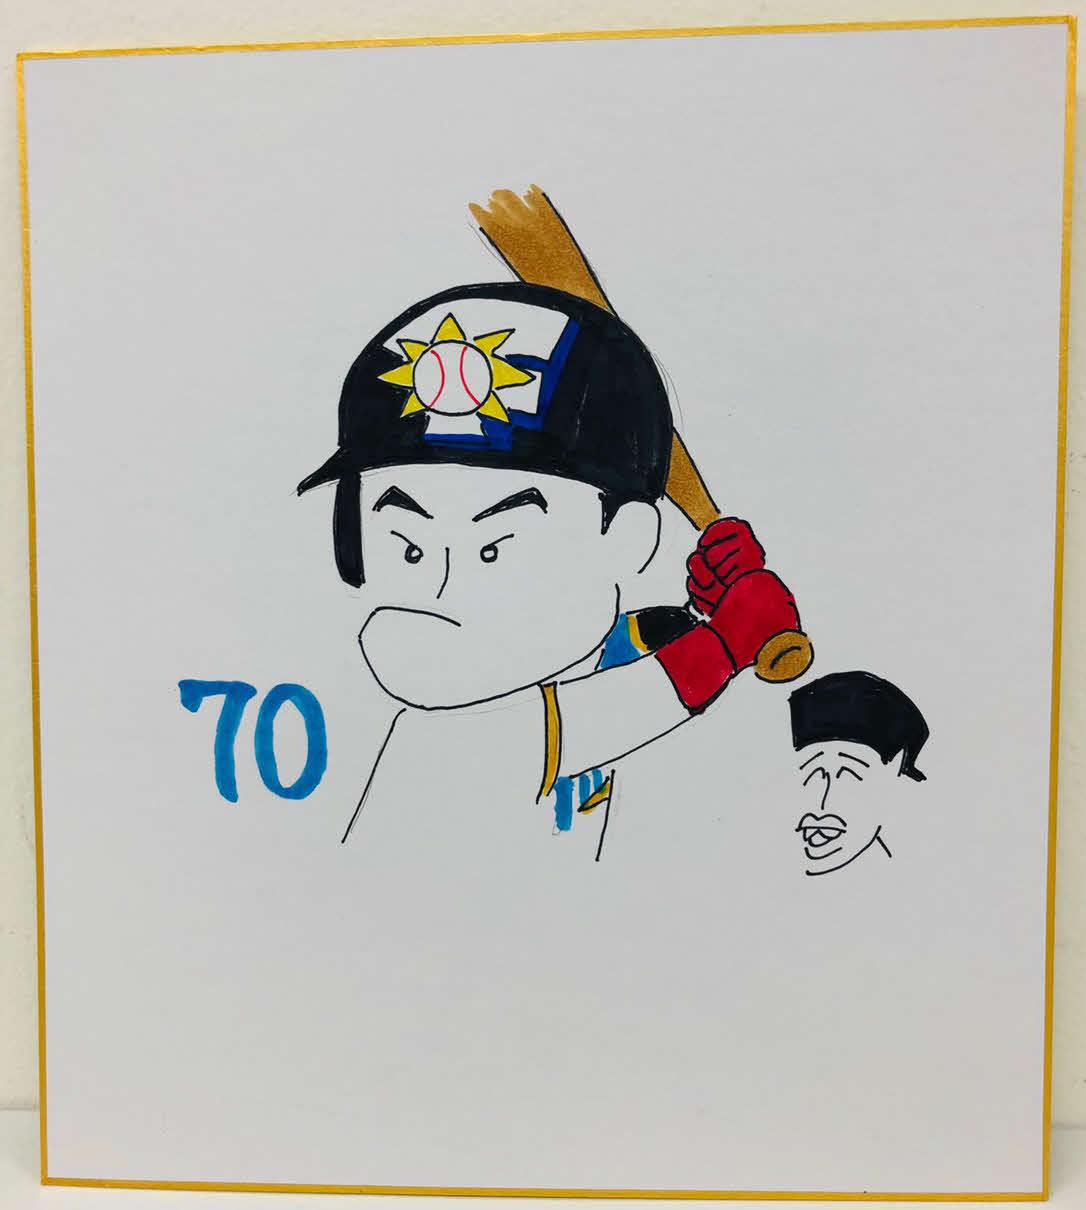 日本ハム木田投手コーチが描いた今井順之助内野手